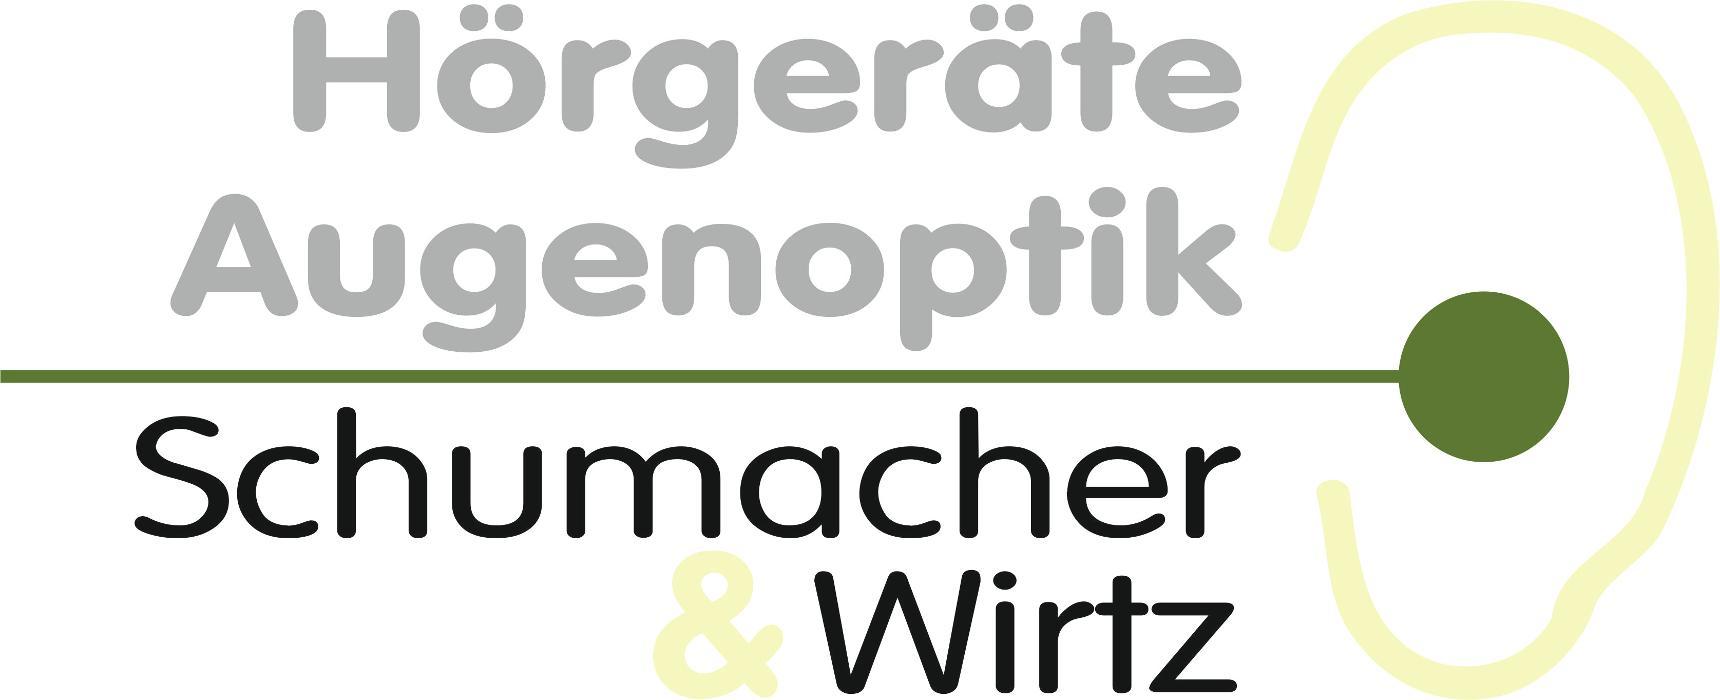 Bild zu Hörgeräte Augenoptik Schumacher & Wirtz GmbH in Grevenbroich